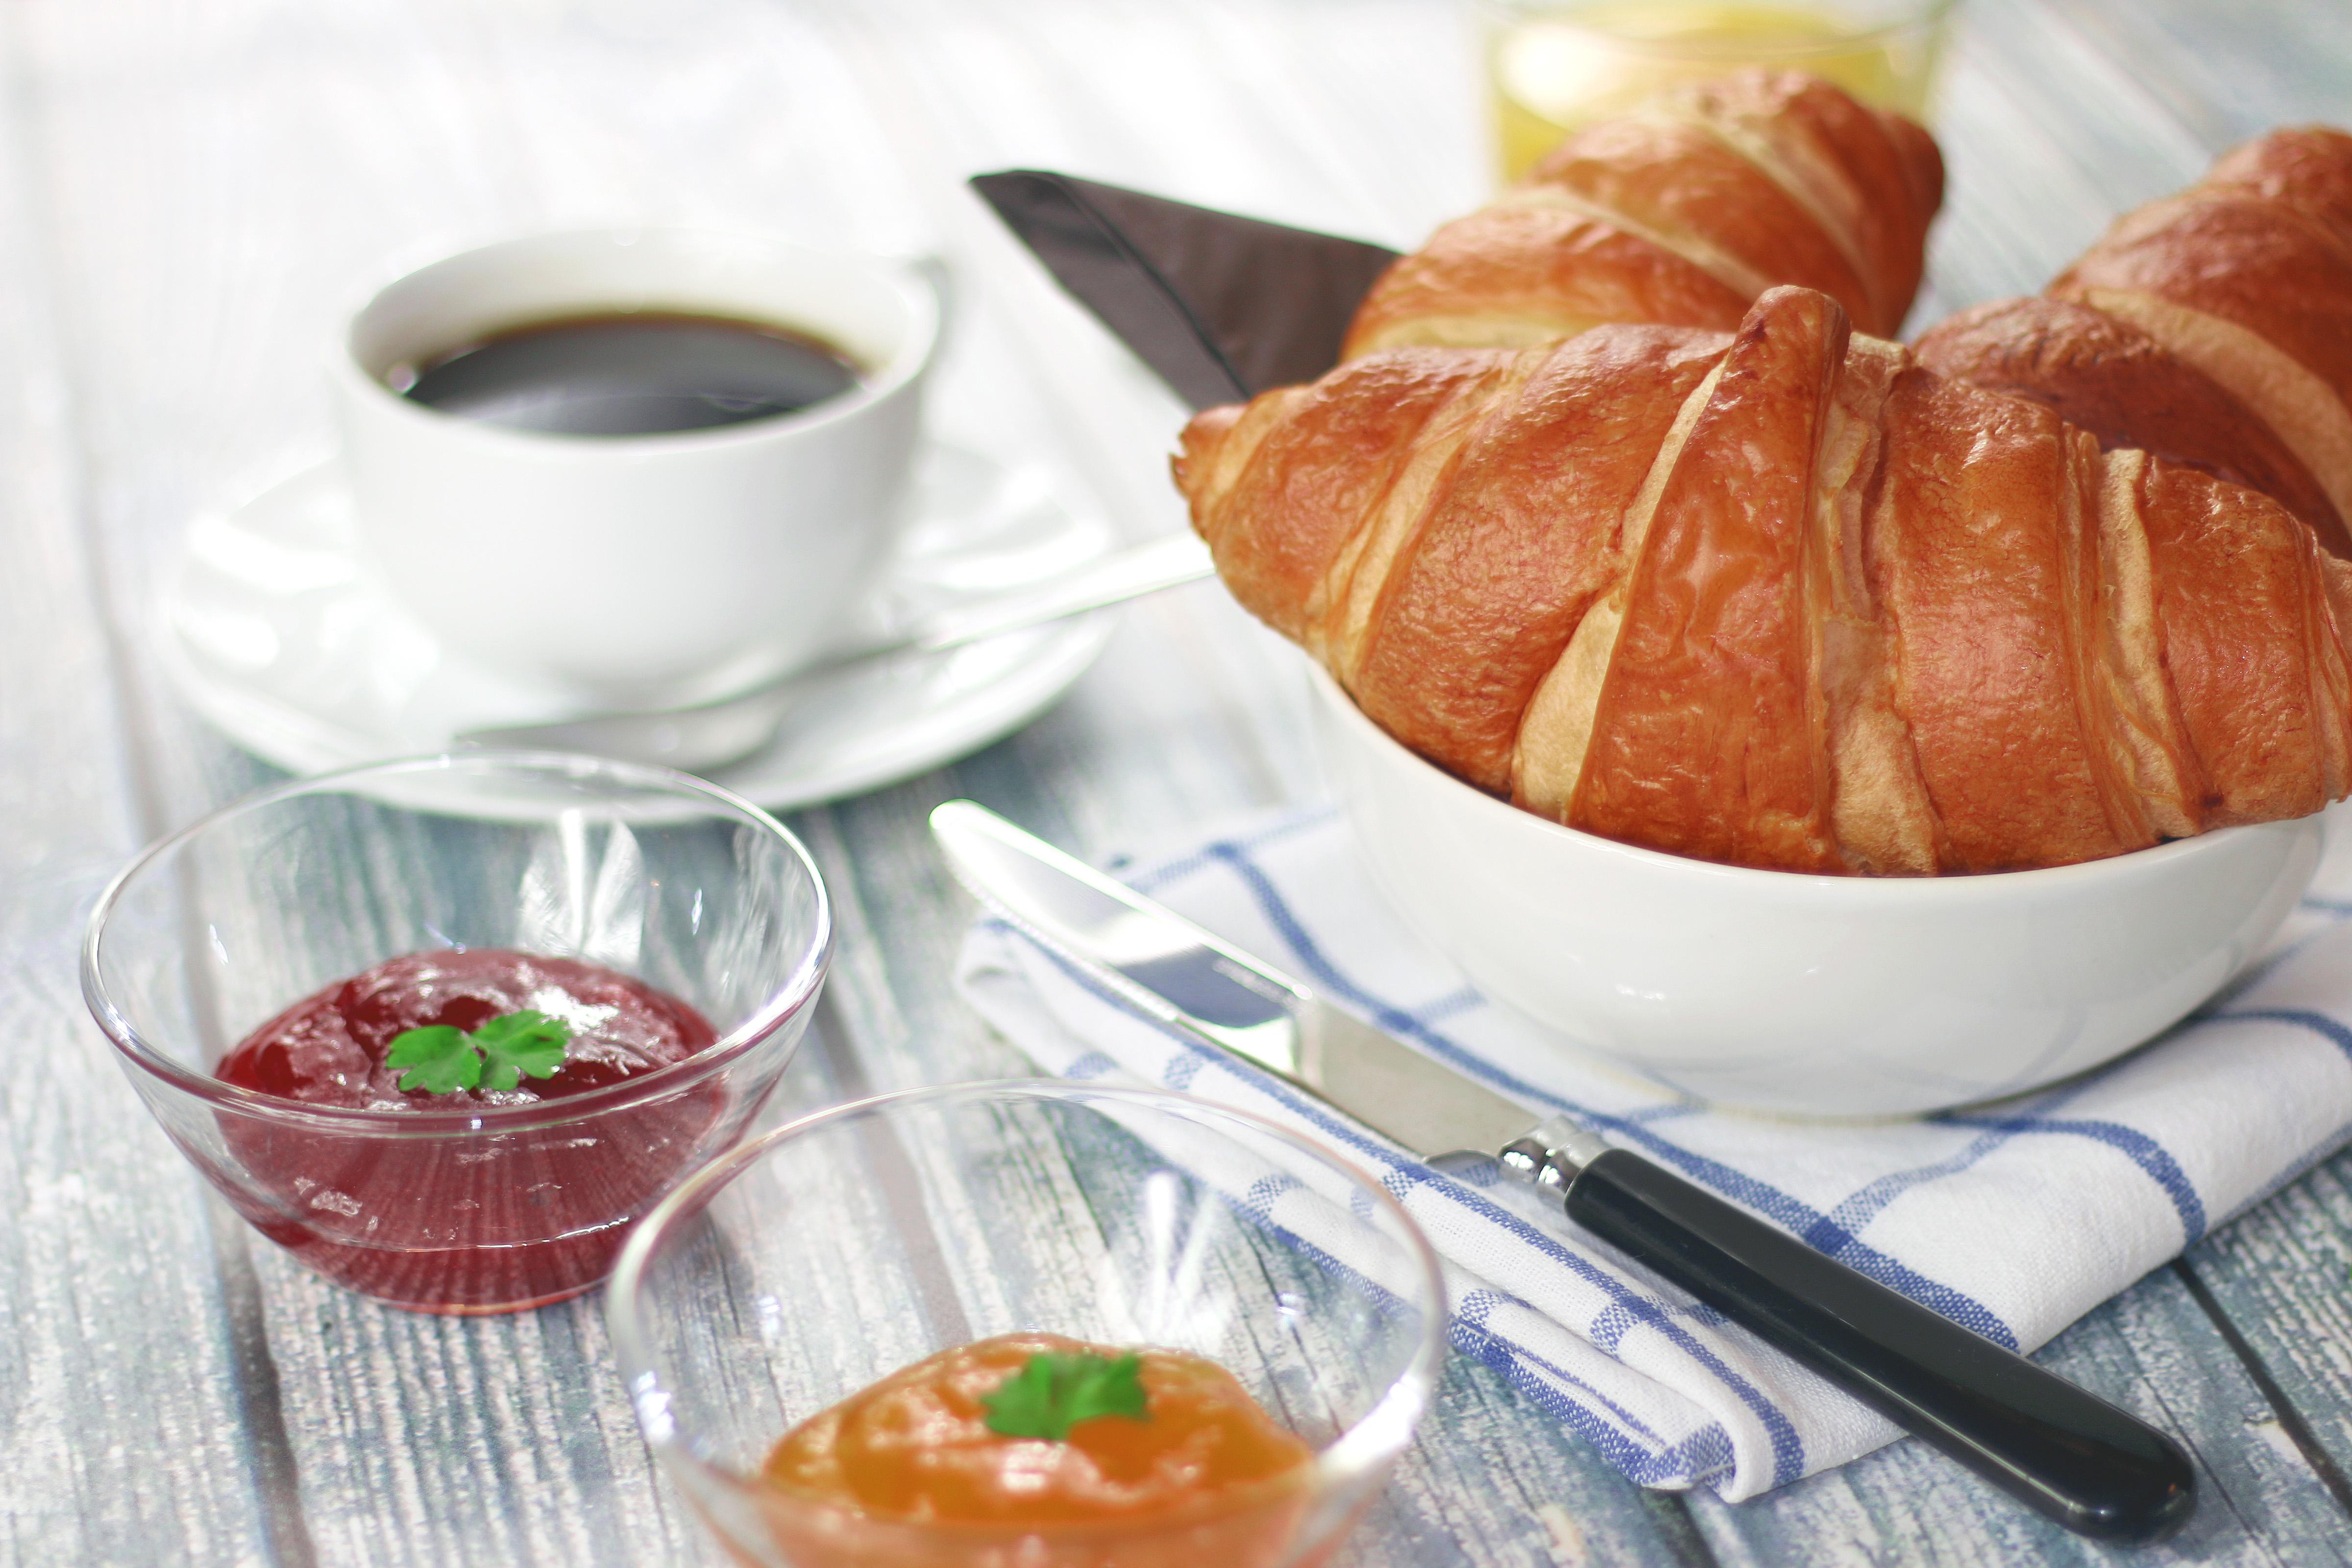 Frühstückstisch mit Kaffee, Croissant und Marmelade, wie er beim Arbeitsfrühstück aussehen könnte